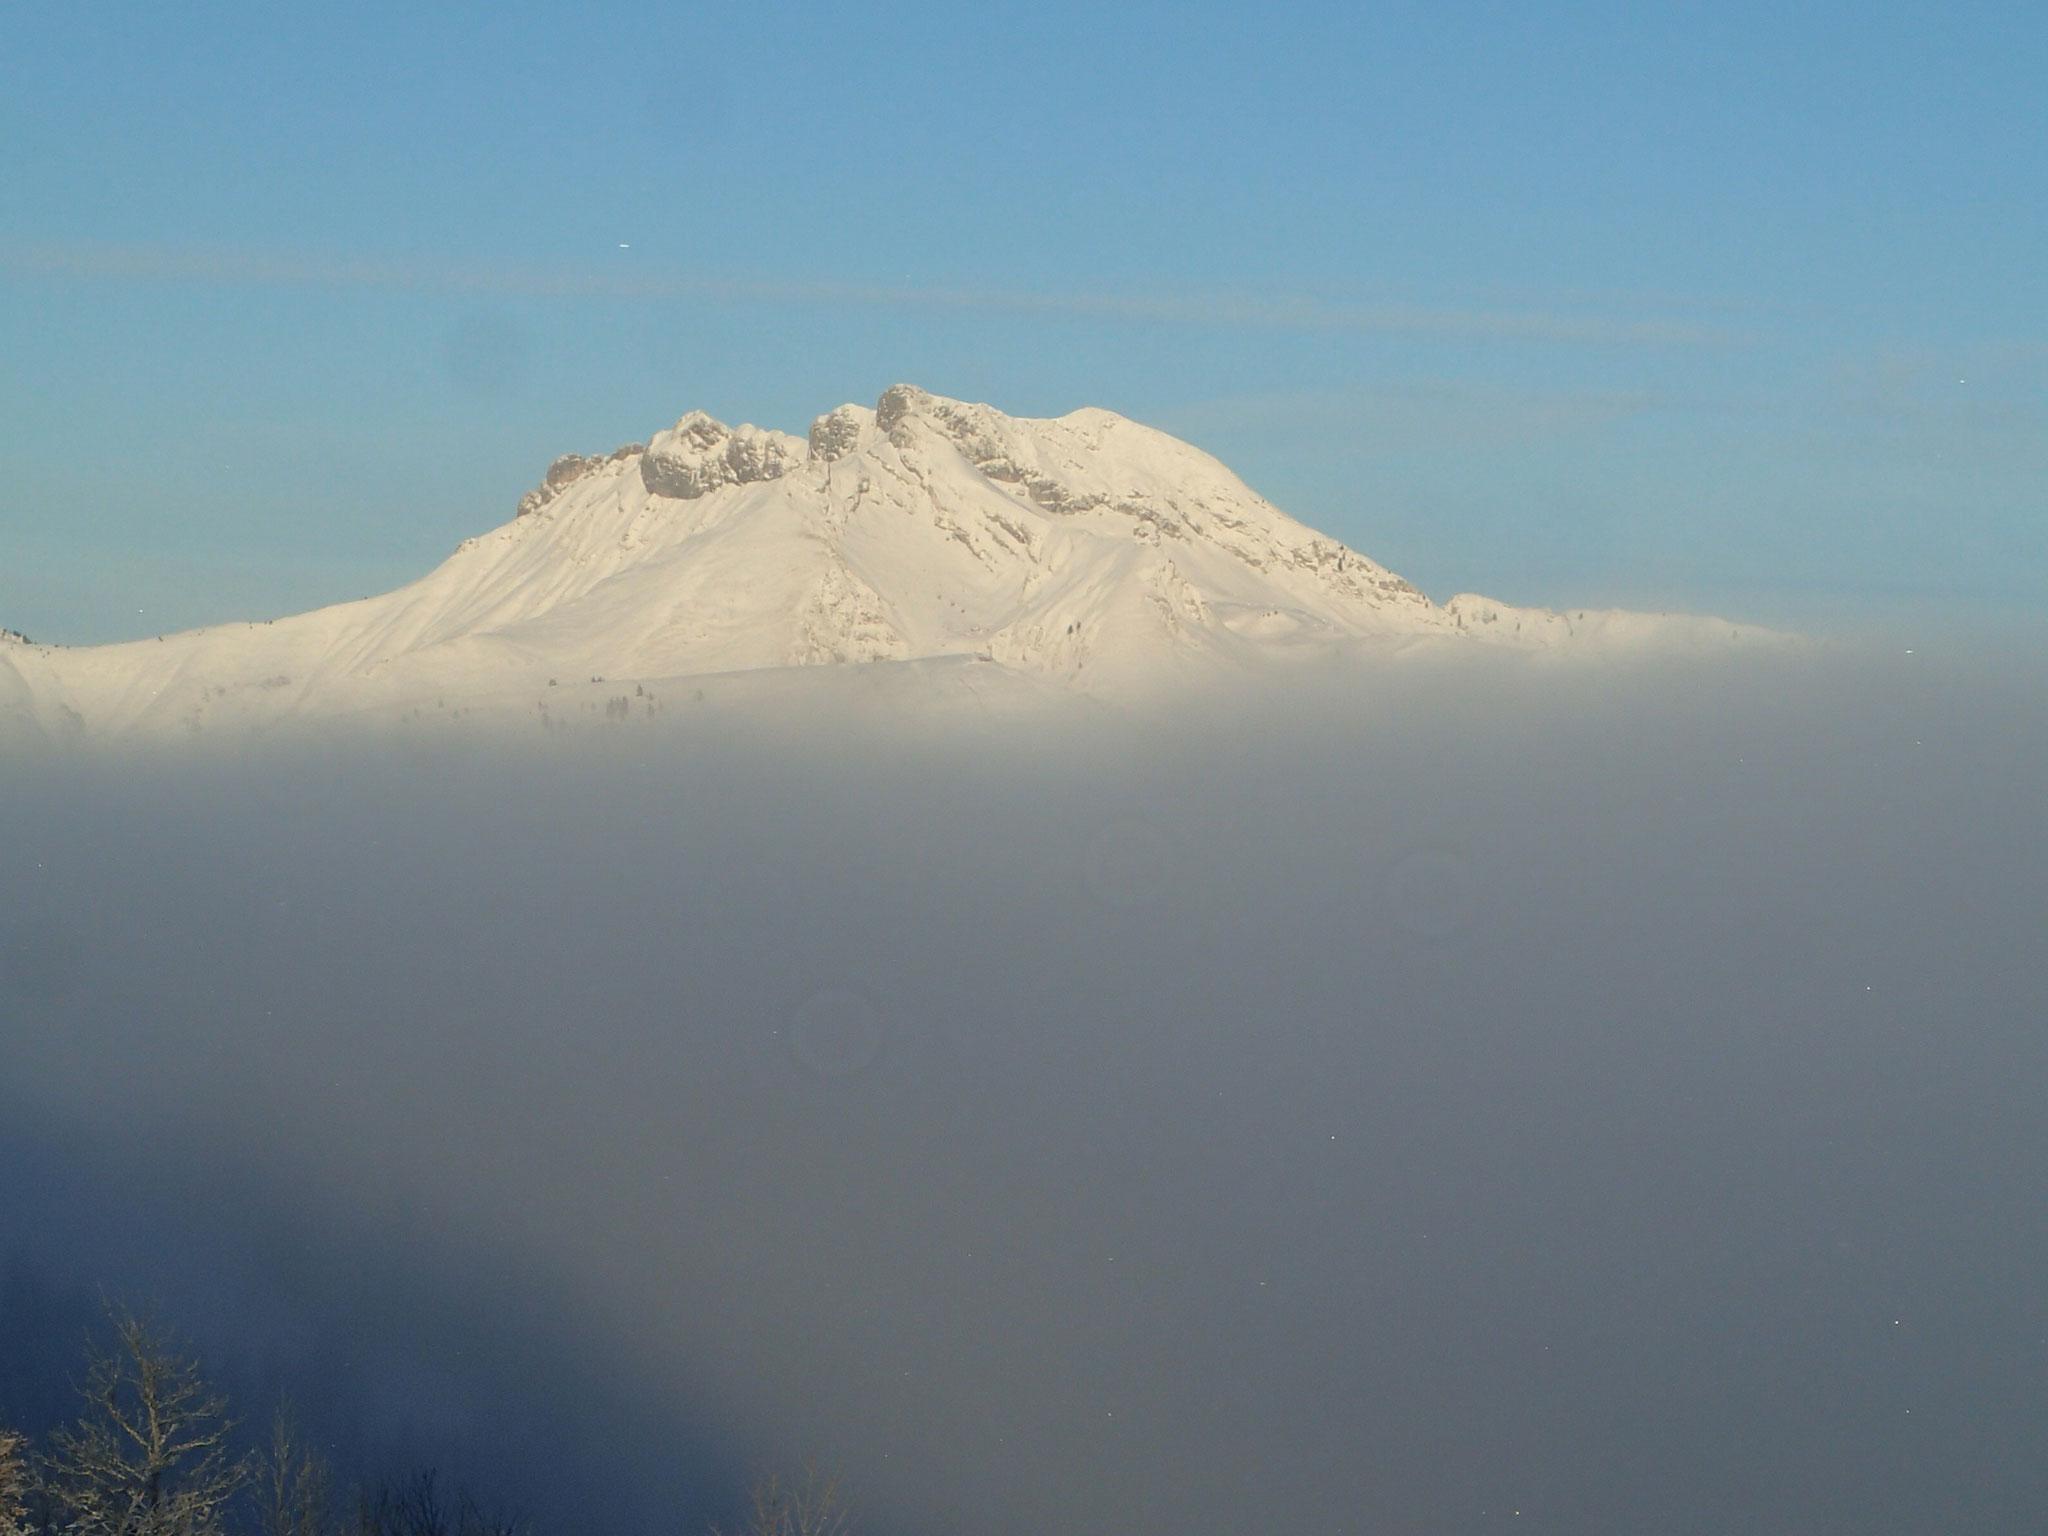 Le Roc d'Enfer émerge au dessus des nuages